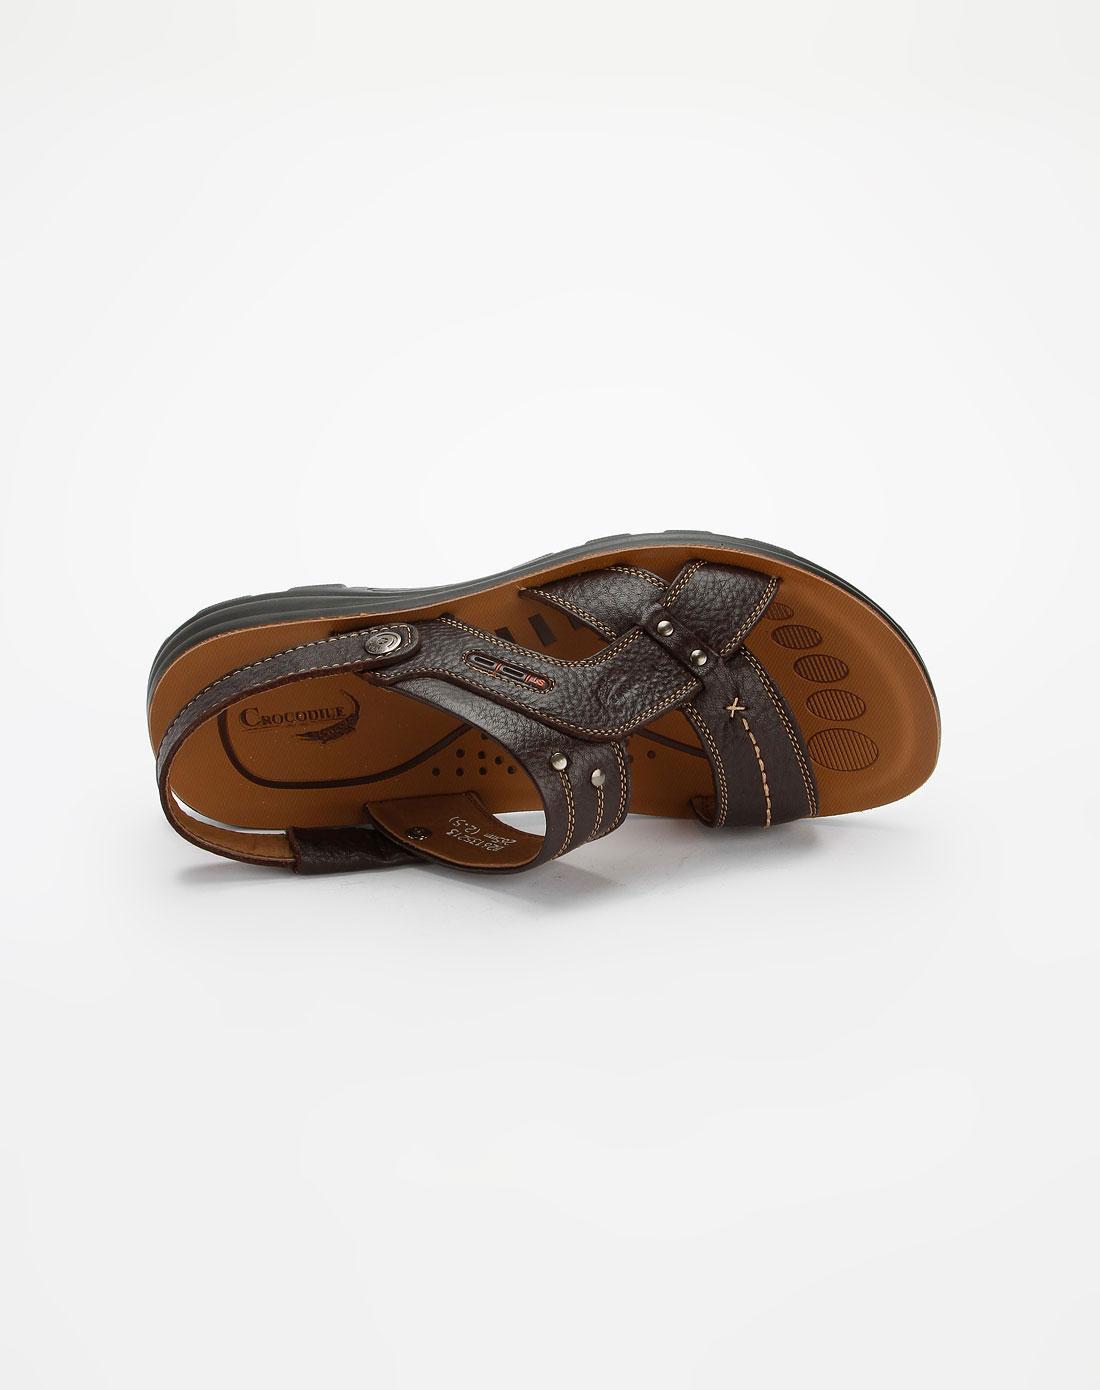 鳄鱼恤crocodile男款棕色时尚凉鞋